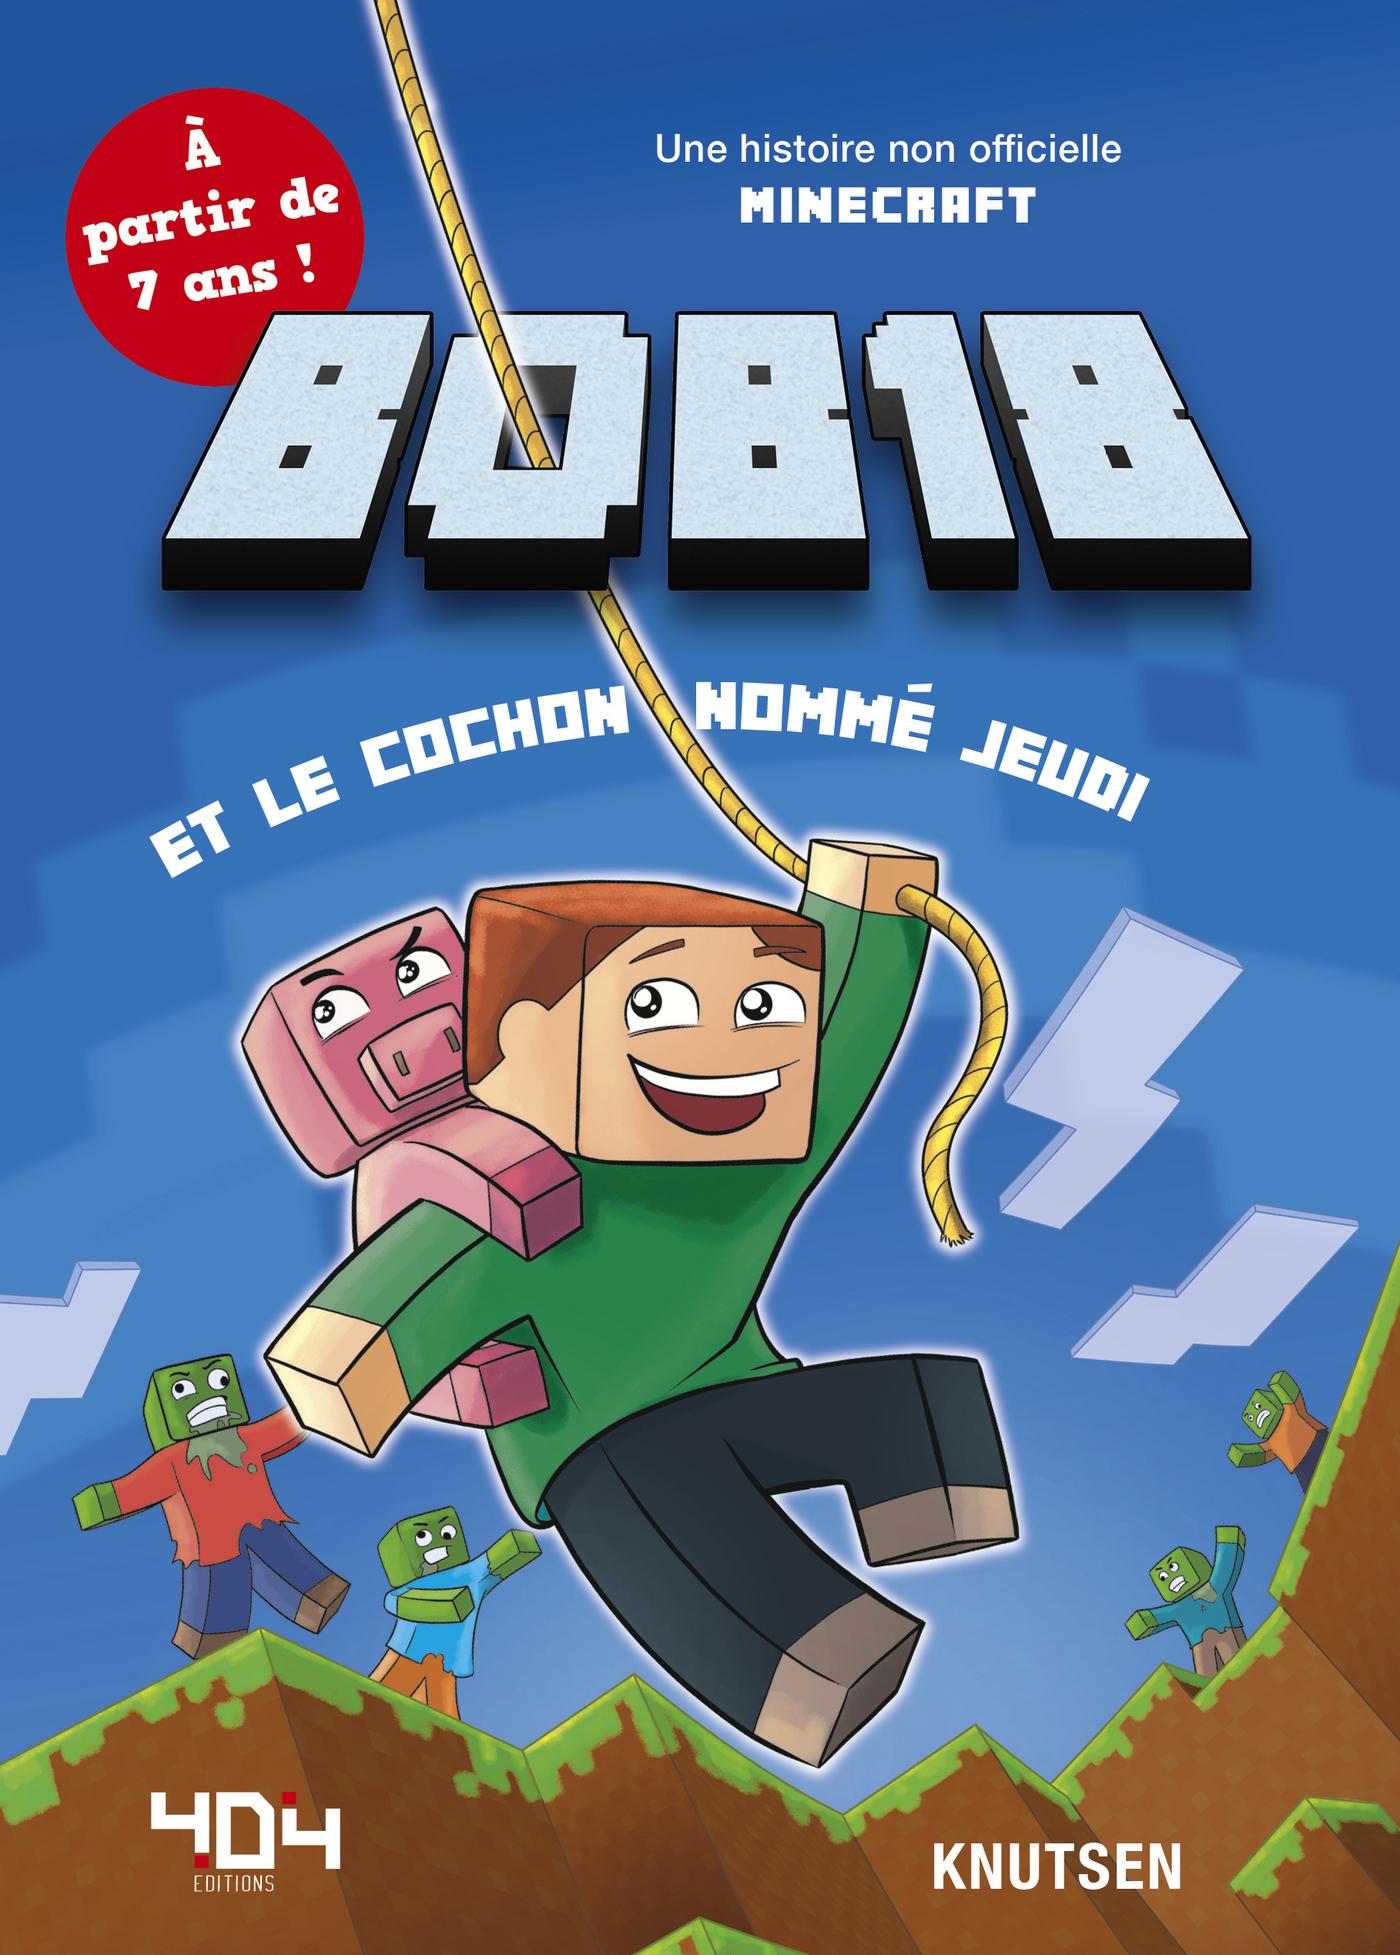 BOB18 ET LE COCHON NOMME JEUDI